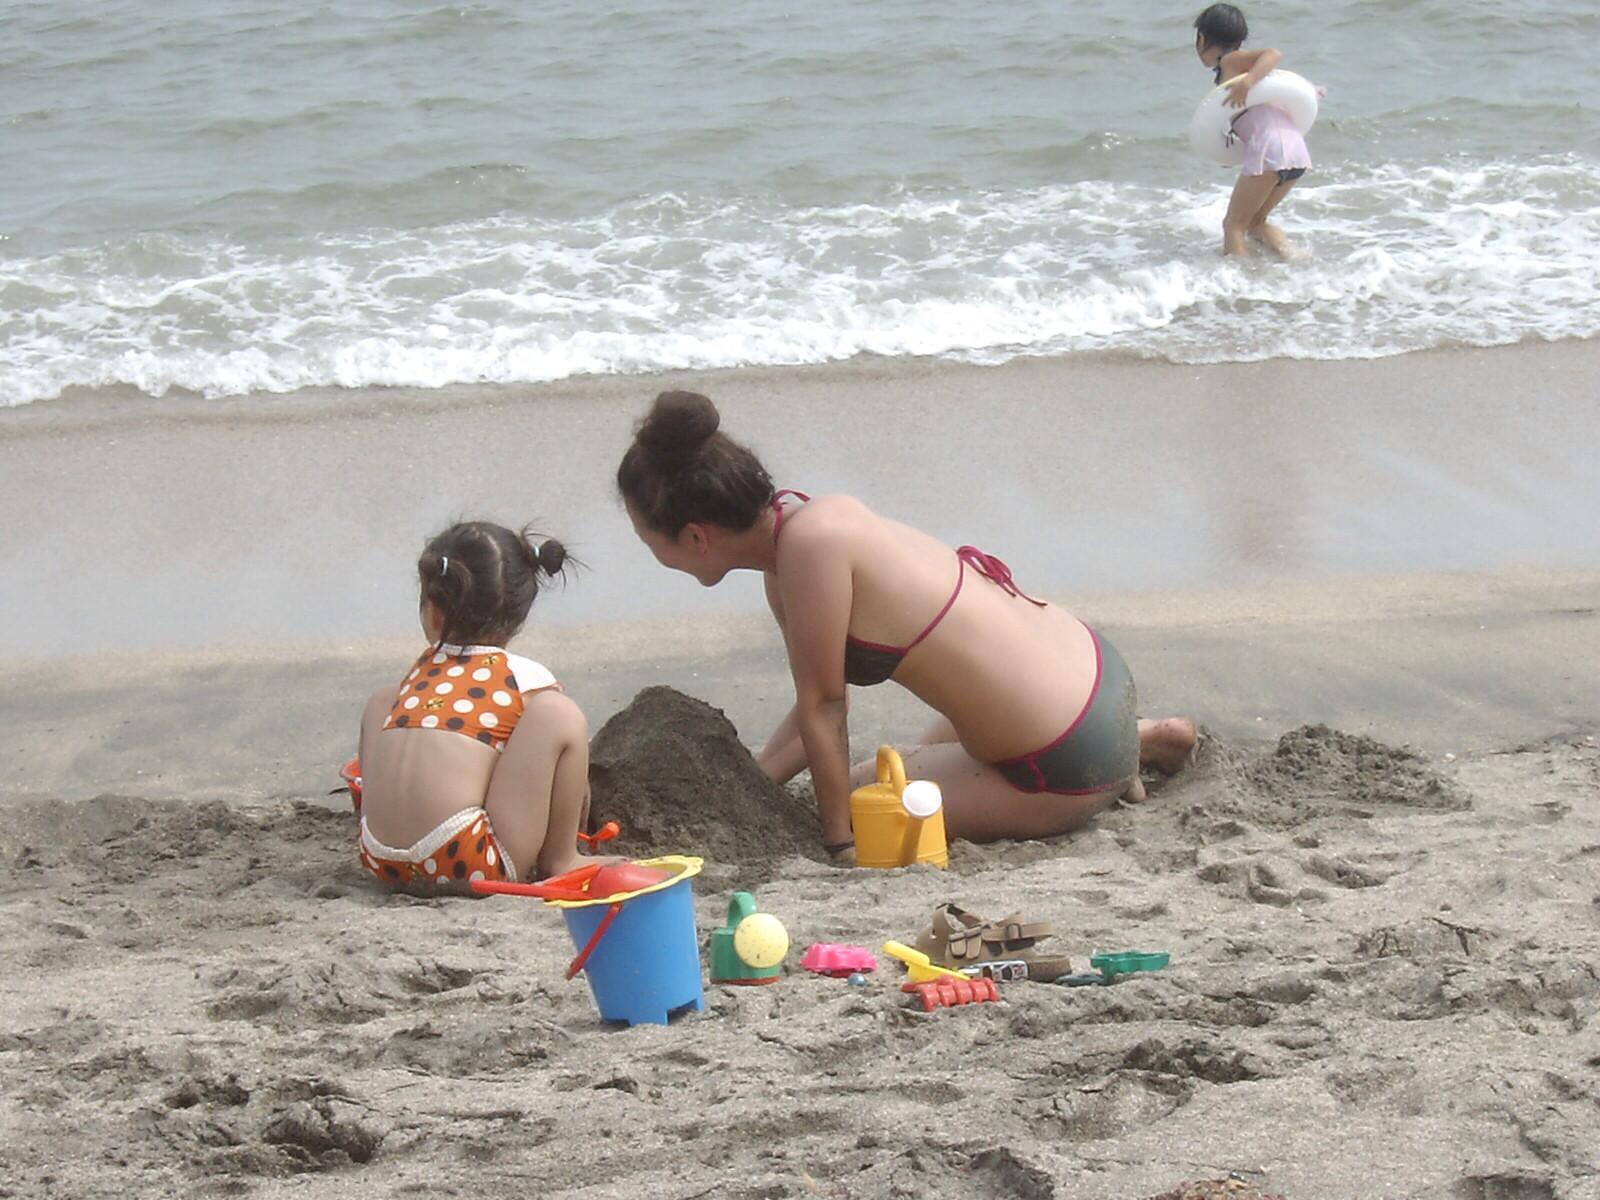 子供と砂遊びするビキニ水着の奥様を隠し撮り!